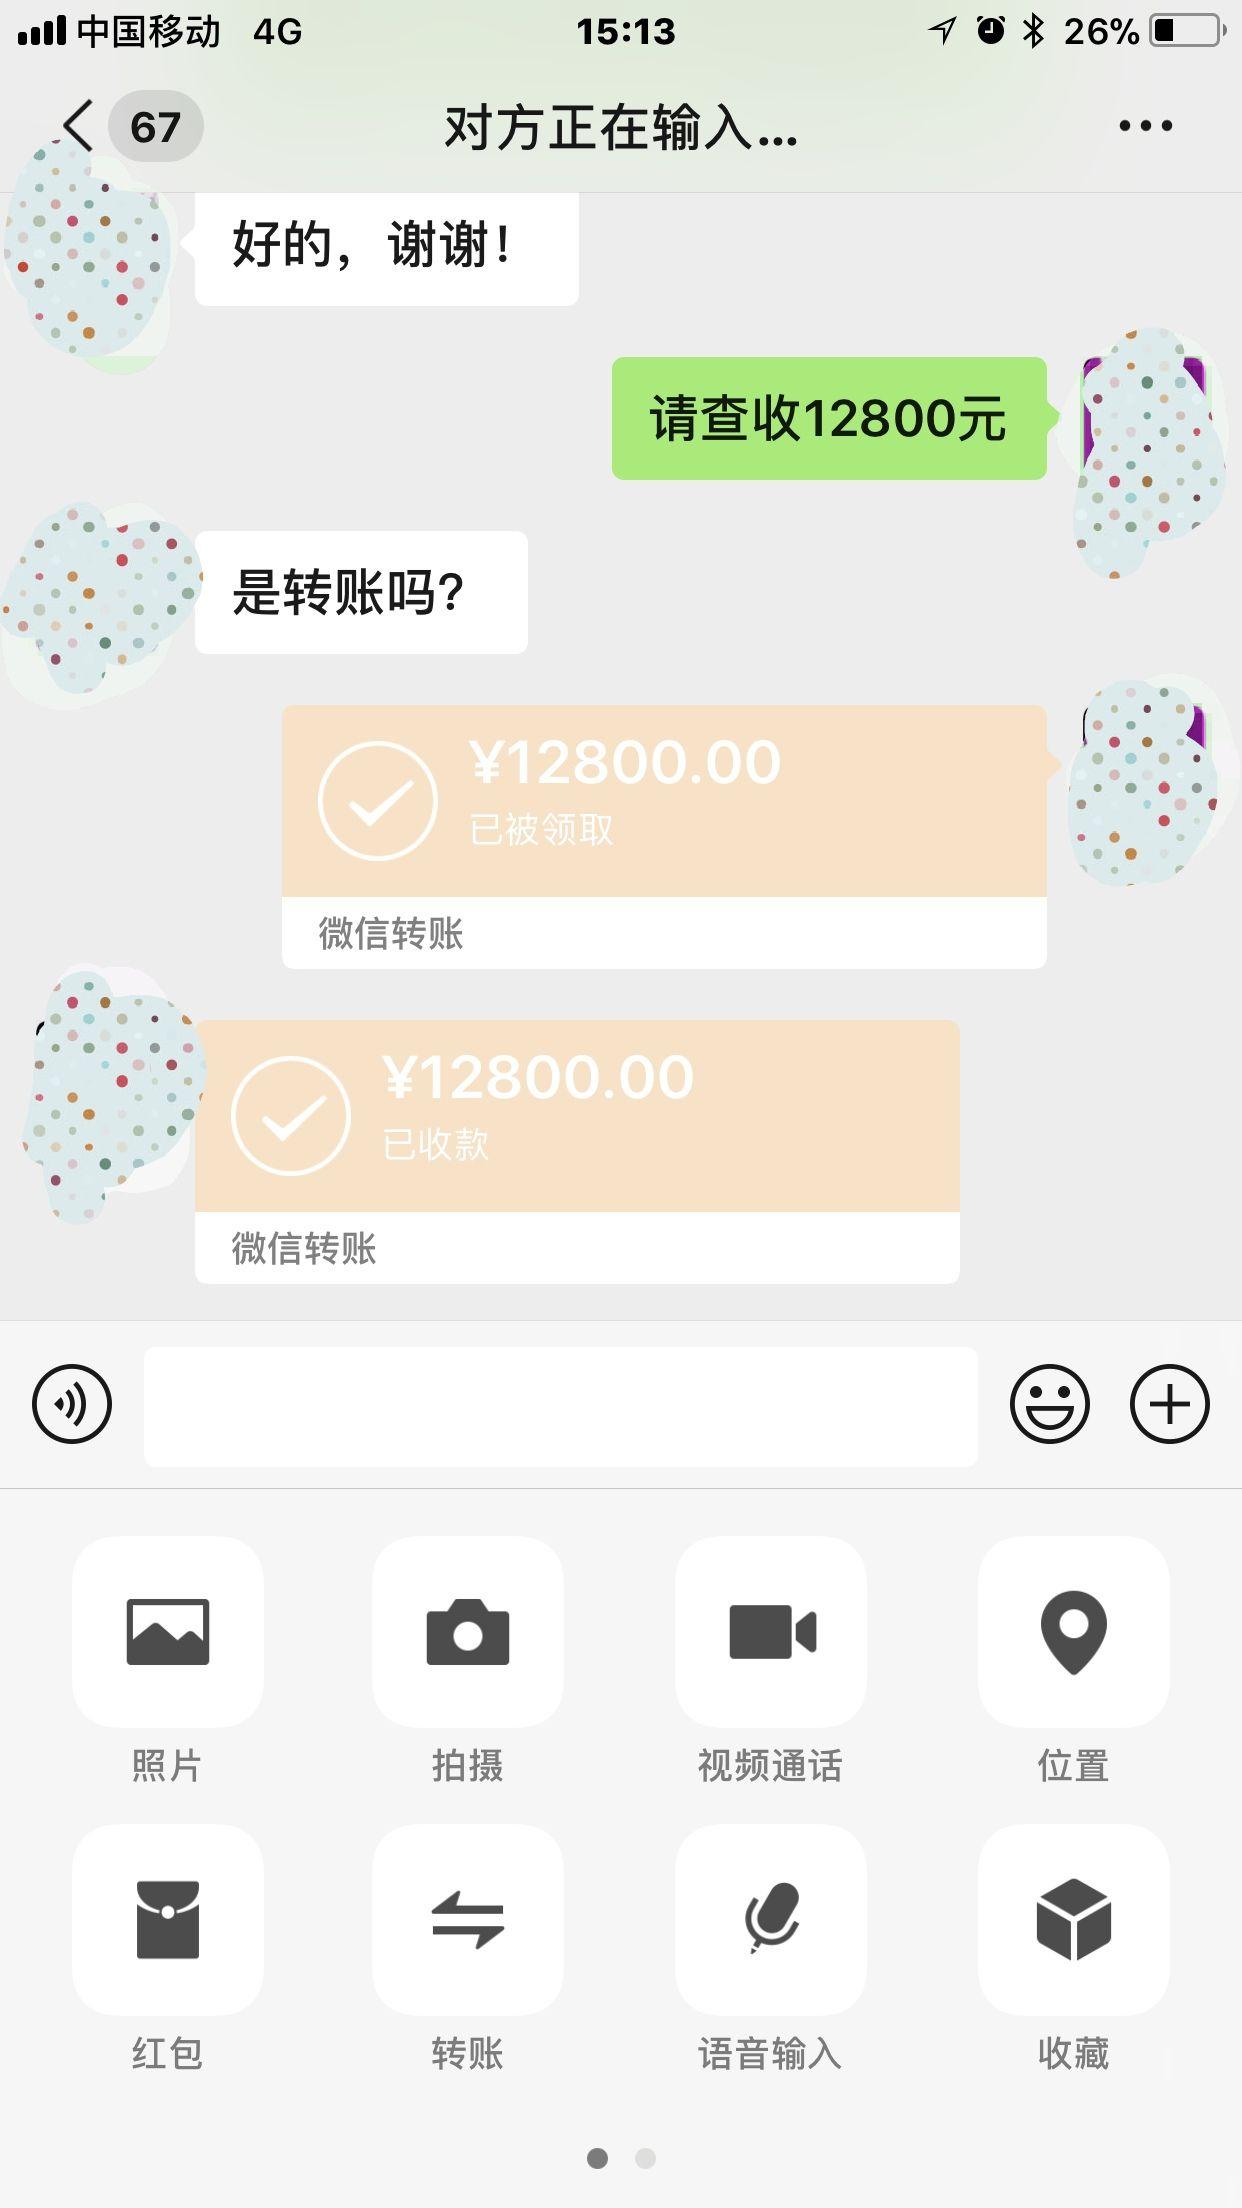 武汉民政局退�罨沟笔氯�12800元遗体运送和火化费�K用。武汉民政局低�吟道供图